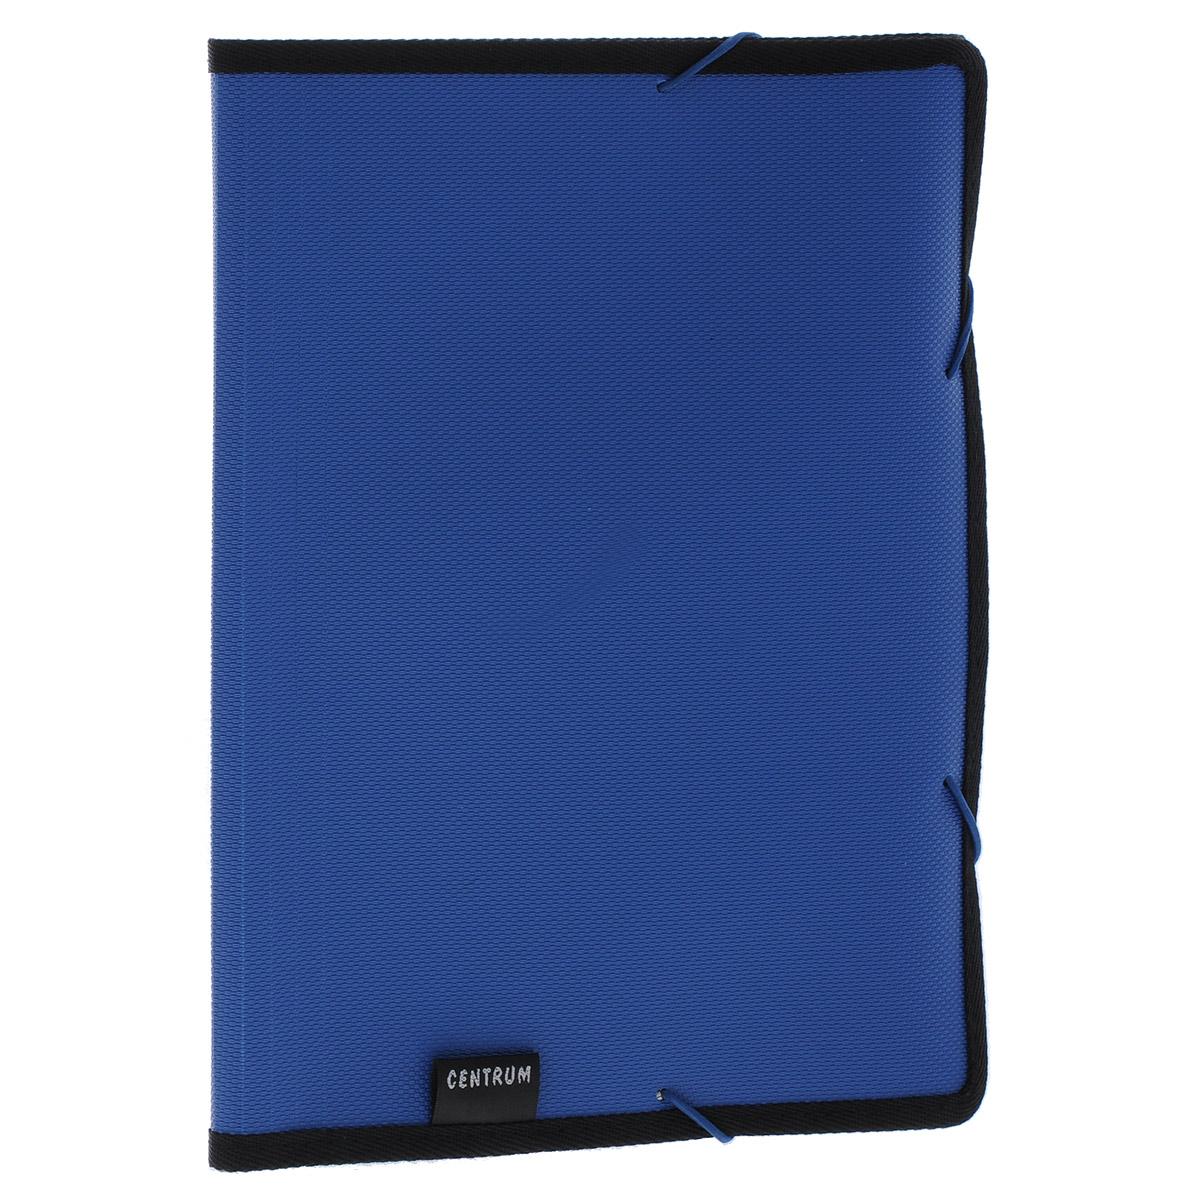 Папка на резинке Centrum, 6 отделений, цвет: синий. Формат А480017_сПапка Centrum - это удобный и функциональный офисный инструмент, предназначенный для хранения и транспортировки рабочих бумаг и документов формата А4.Папка с двойной угловой фиксацией резиновой лентой изготовлена из прочного высококачественного пластика и оформлена тиснением под текстиль. Папка состоит из 6 вместительных отделений с пластиковыми разделителями. Папка имеет опрятный и неброский вид. Края папки отделаны полиэстером, а уголки имеют закругленную форму, что предотвращает их загибание и помогает надолго сохранить опрятный вид обложки.Папка - это незаменимый атрибут для любого студента, школьника или офисного работника. Такая папка надежно сохранит ваши бумаги и сбережет их от повреждений, пыли и влаги.